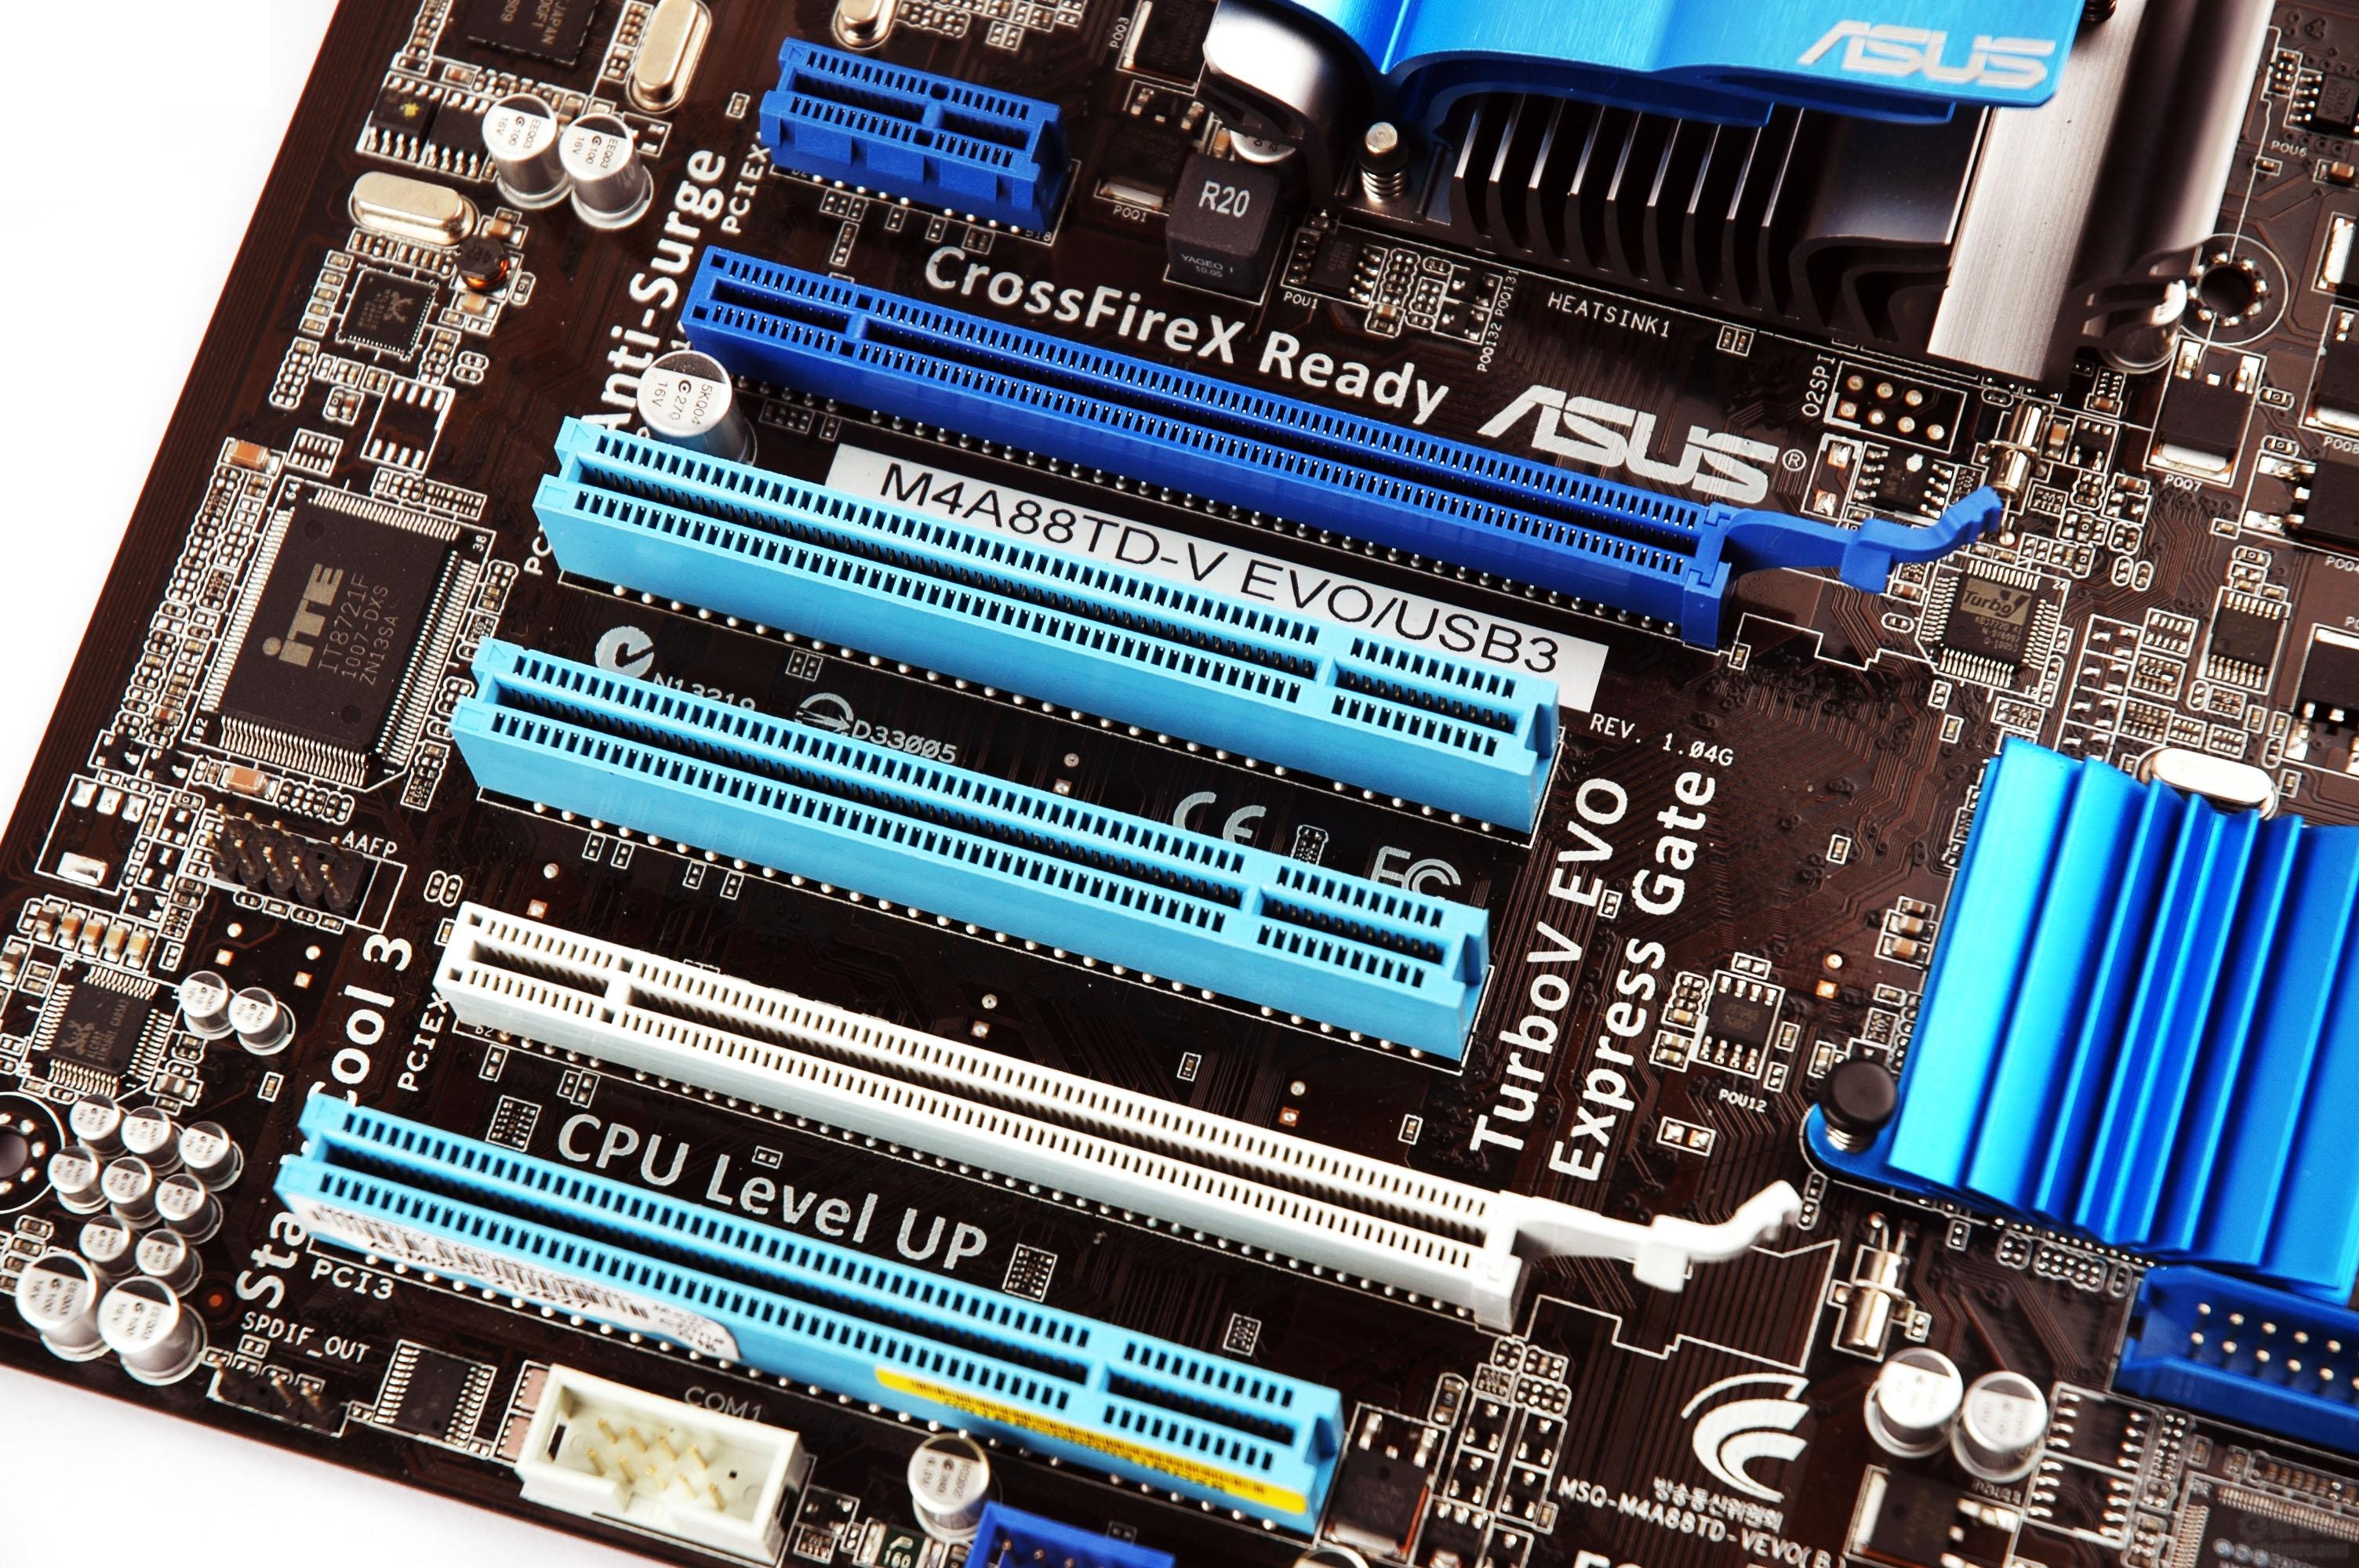 [产品赏析] 华硕M4A88TD-V EVO/USB3主板采用了标准ATX大板型设计,采用AMD 880G+SB850芯片组。AMD 880G芯片组支持高达5200MT/s的HyperTransport 3.0(HT 3.0)系统总线;还对AMD最新的AM3和即将推出的6核处理器进行优化,提供卓越的系统性能,而大板型所具有的扩展优势适合DIY用户选择。  主板供电部分采用了8+2相供电设计,用料也一直是华硕的强项,主板延续了巅峰设计的理念,全部采用了高品质的固态电容以及全封闭电感,让CPU供电更加稳定。